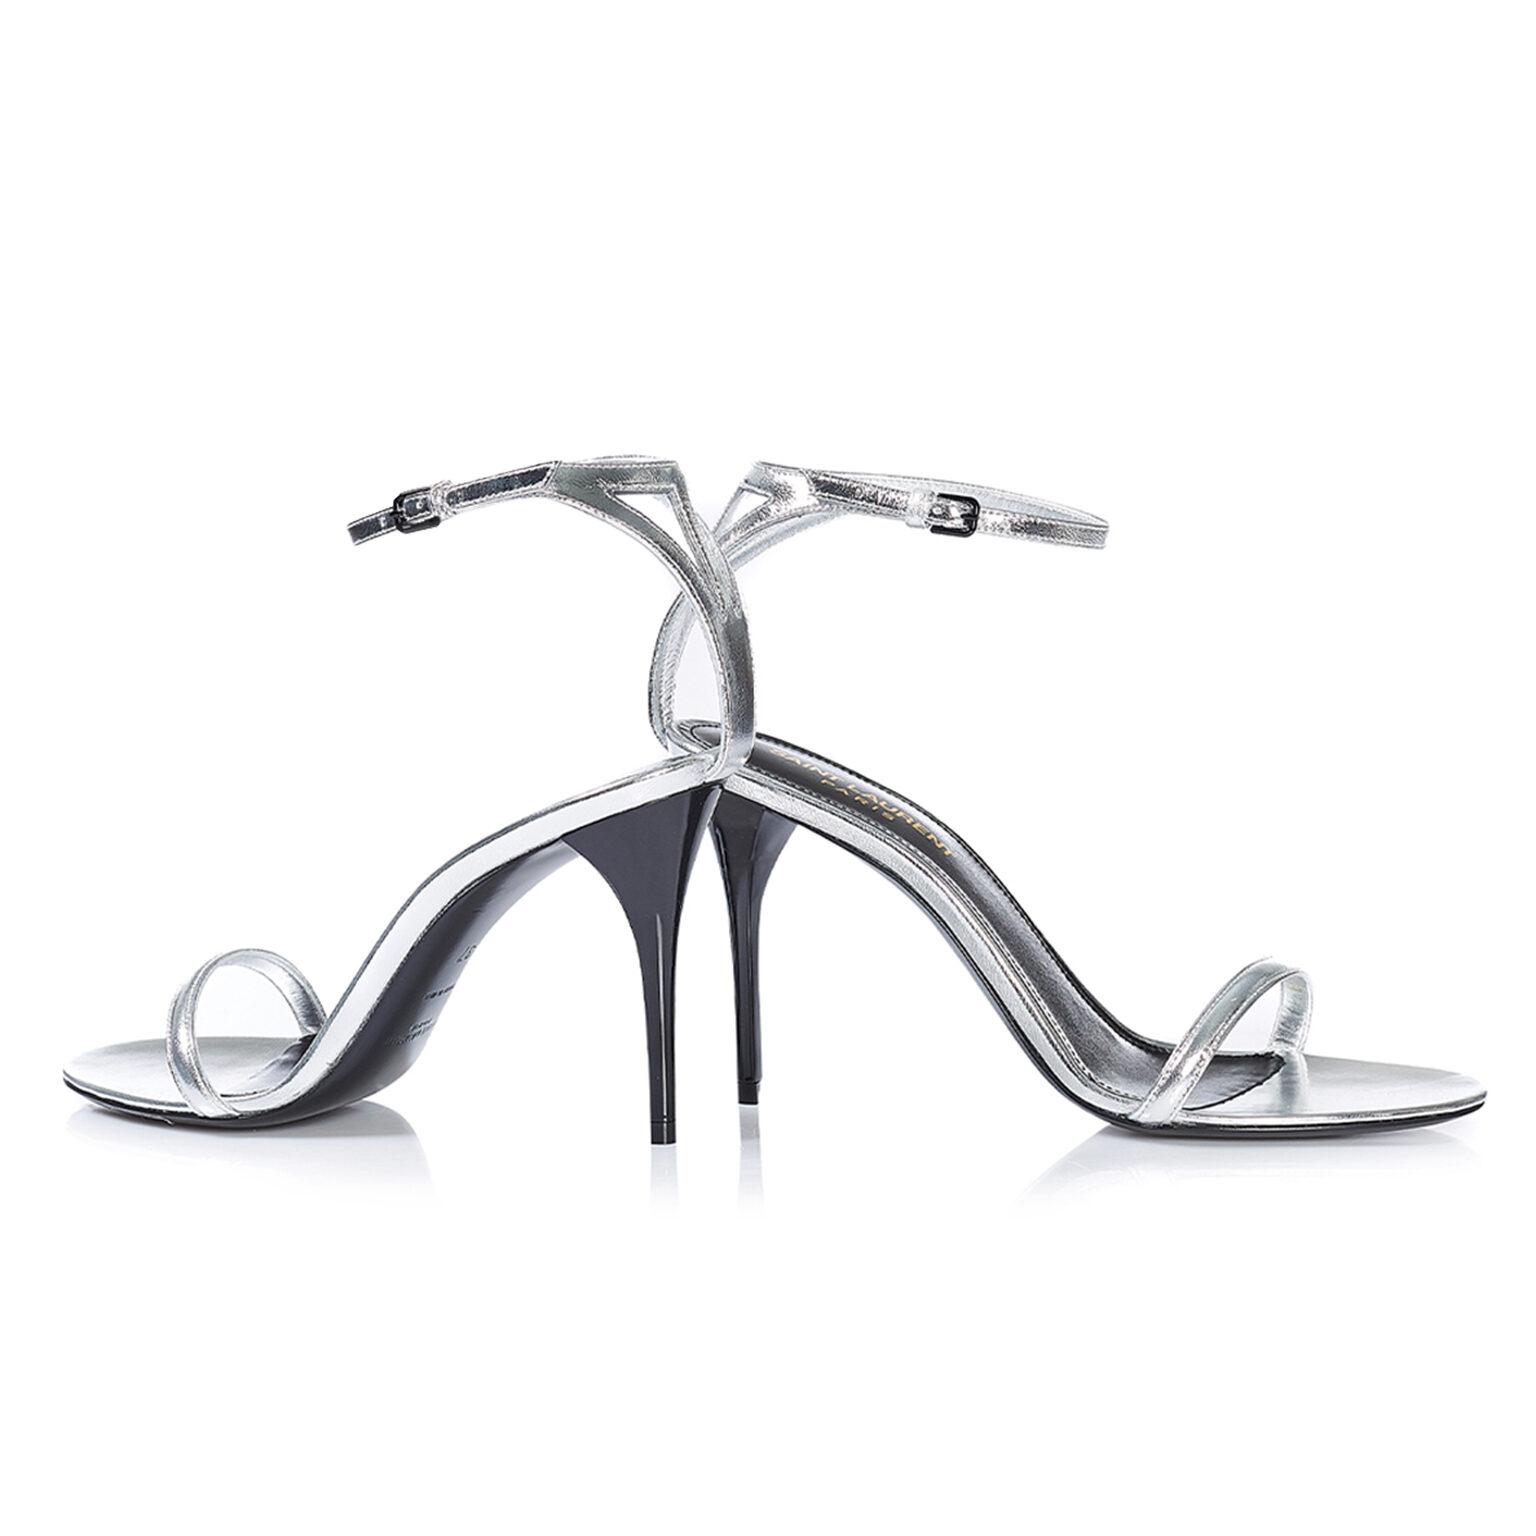 heels_1536px